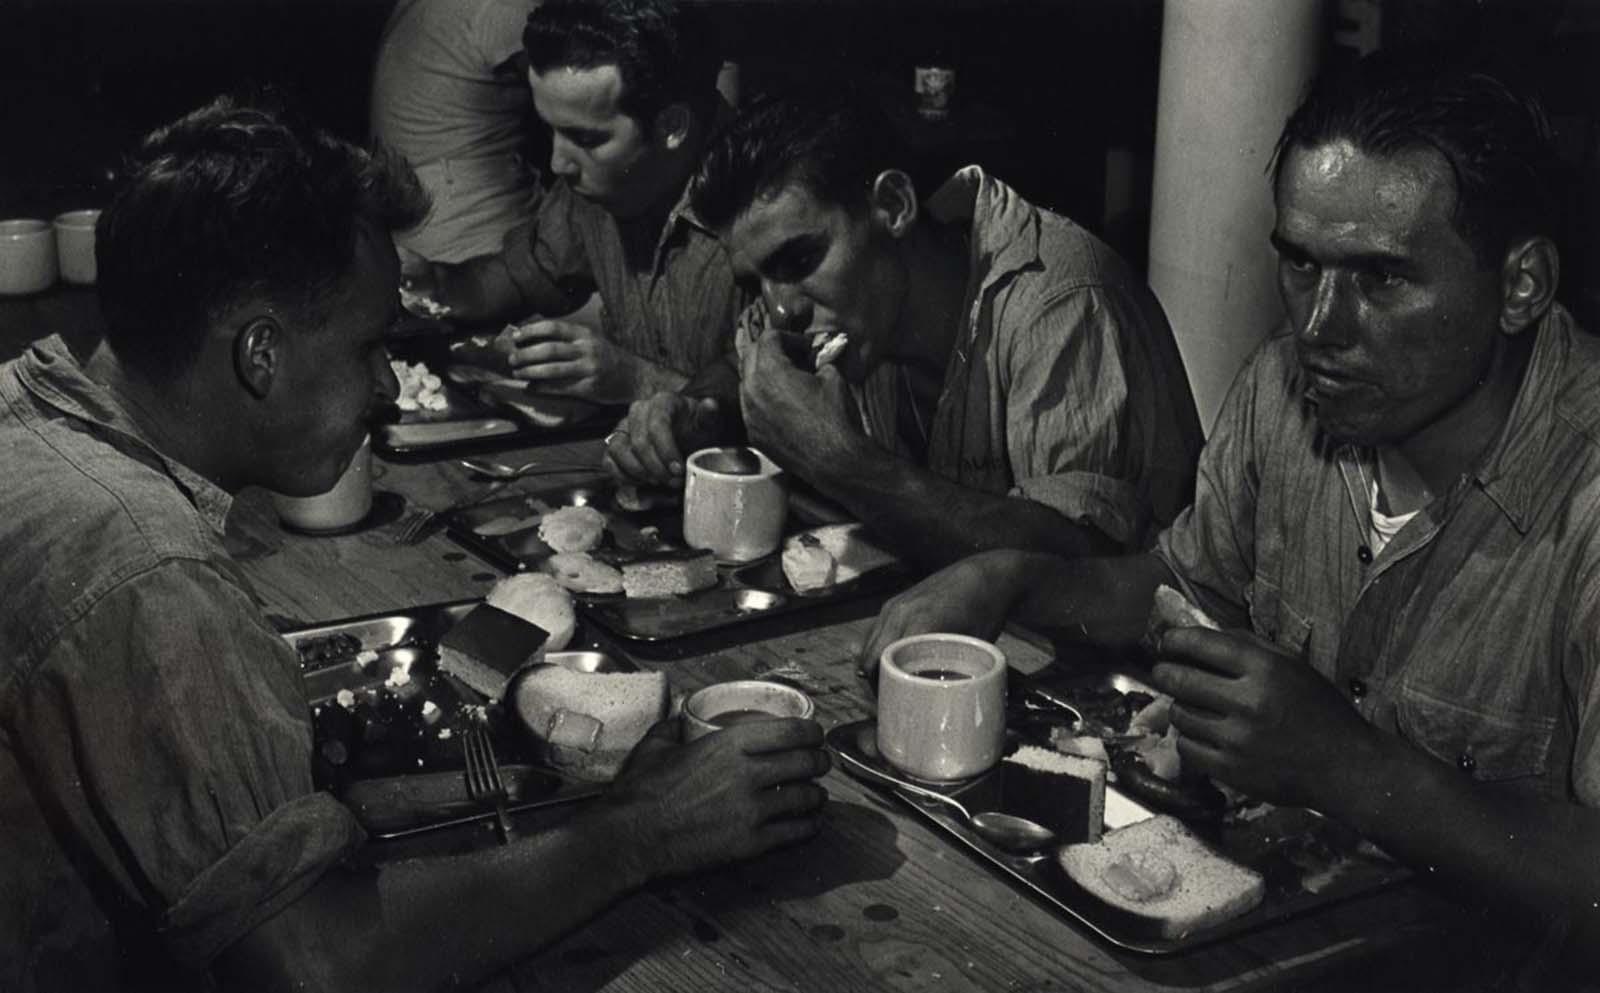 Crew Eating, c. 1943.